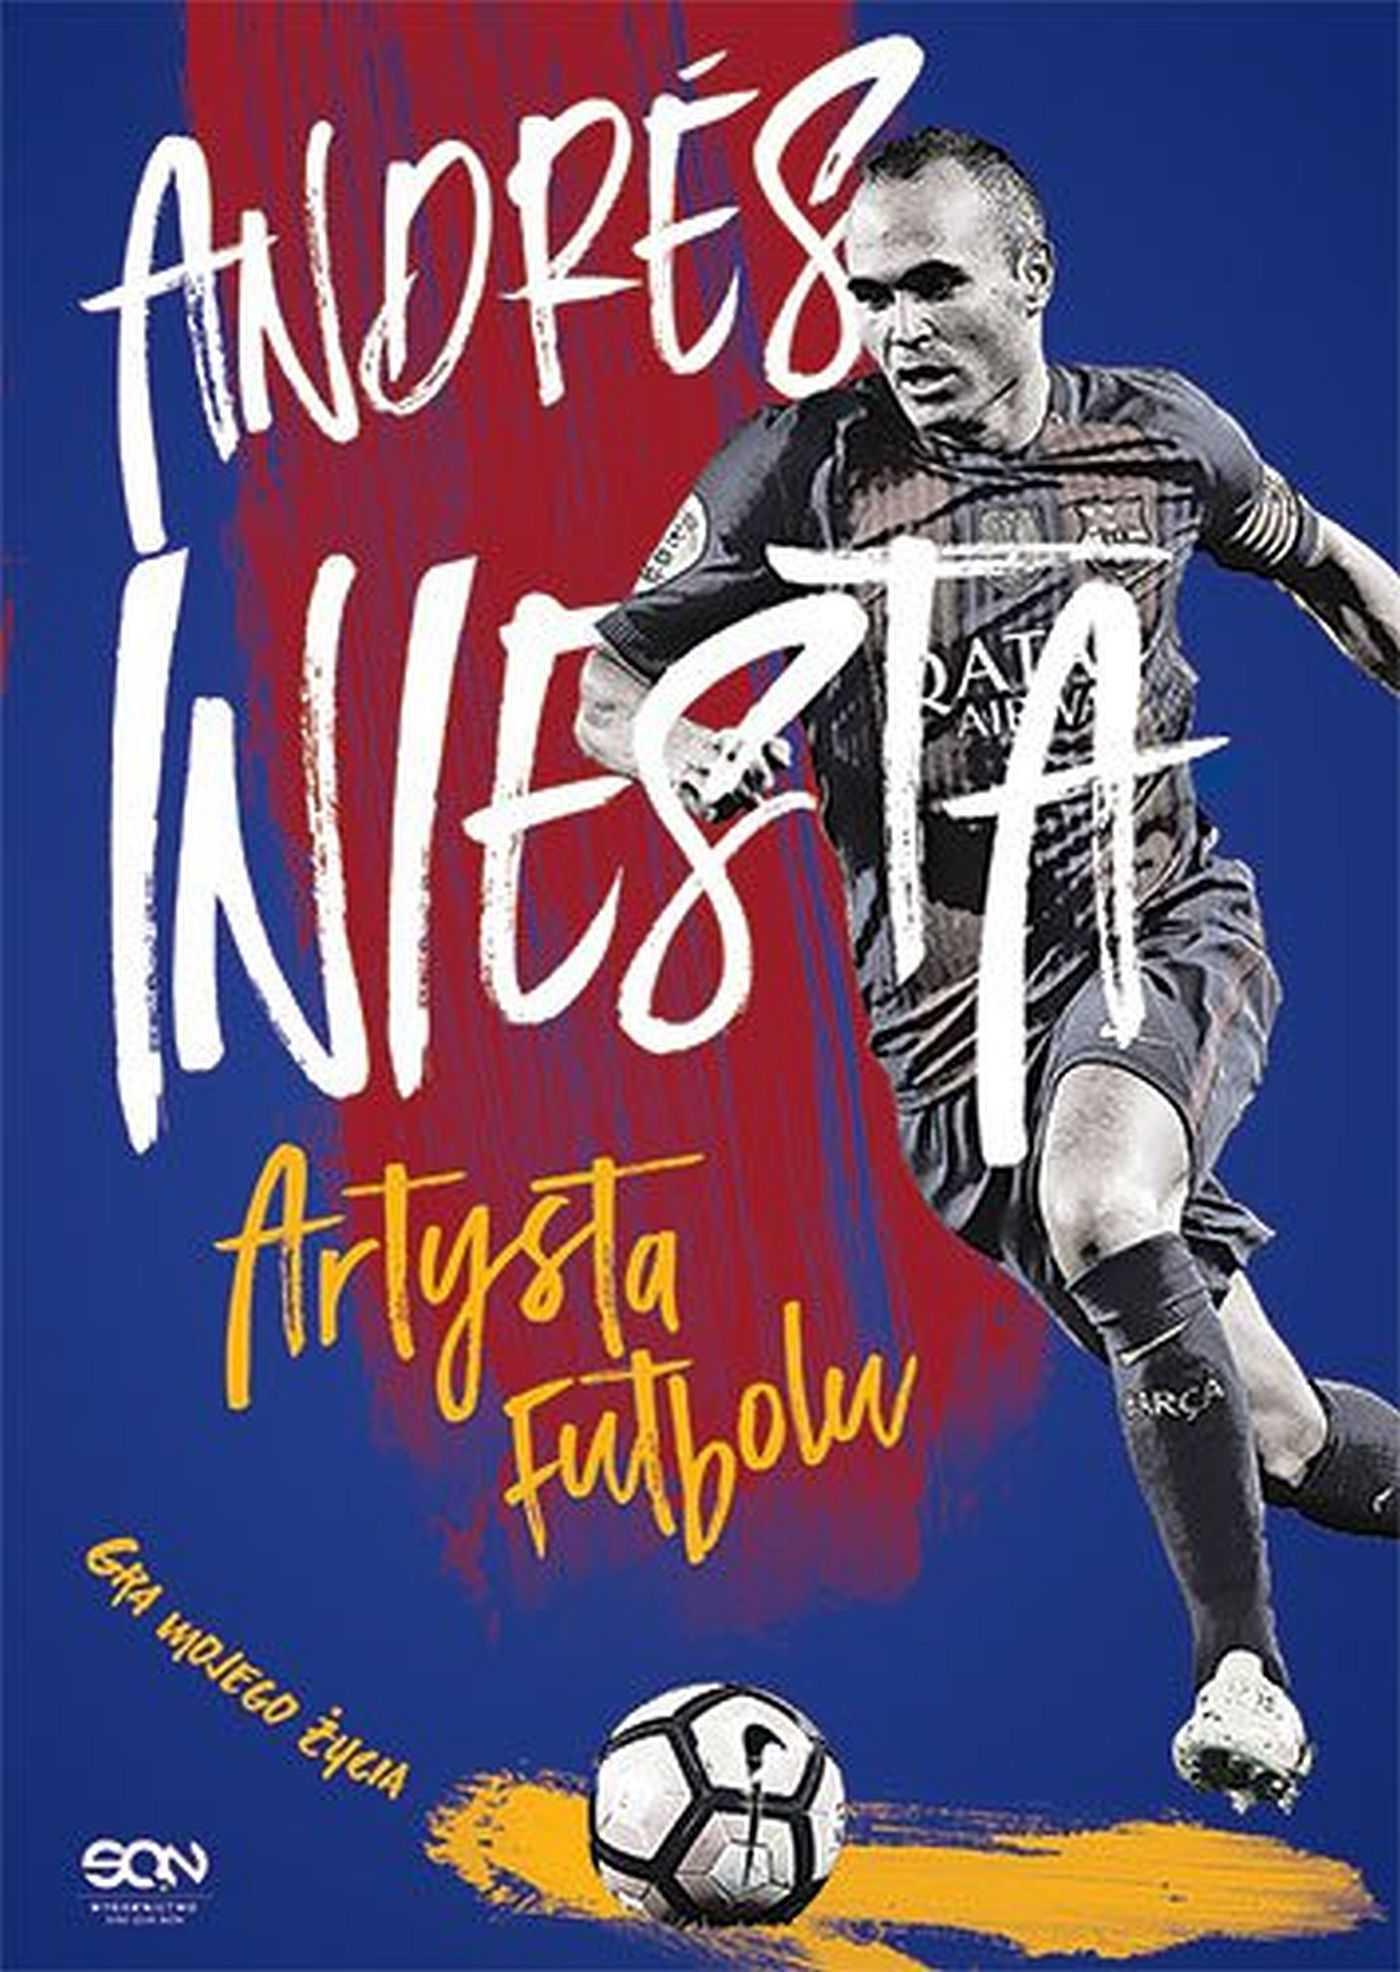 Andres Iniesta. Artysta futbolu. Gra mojego życia - Ebook (Książka EPUB) do pobrania w formacie EPUB